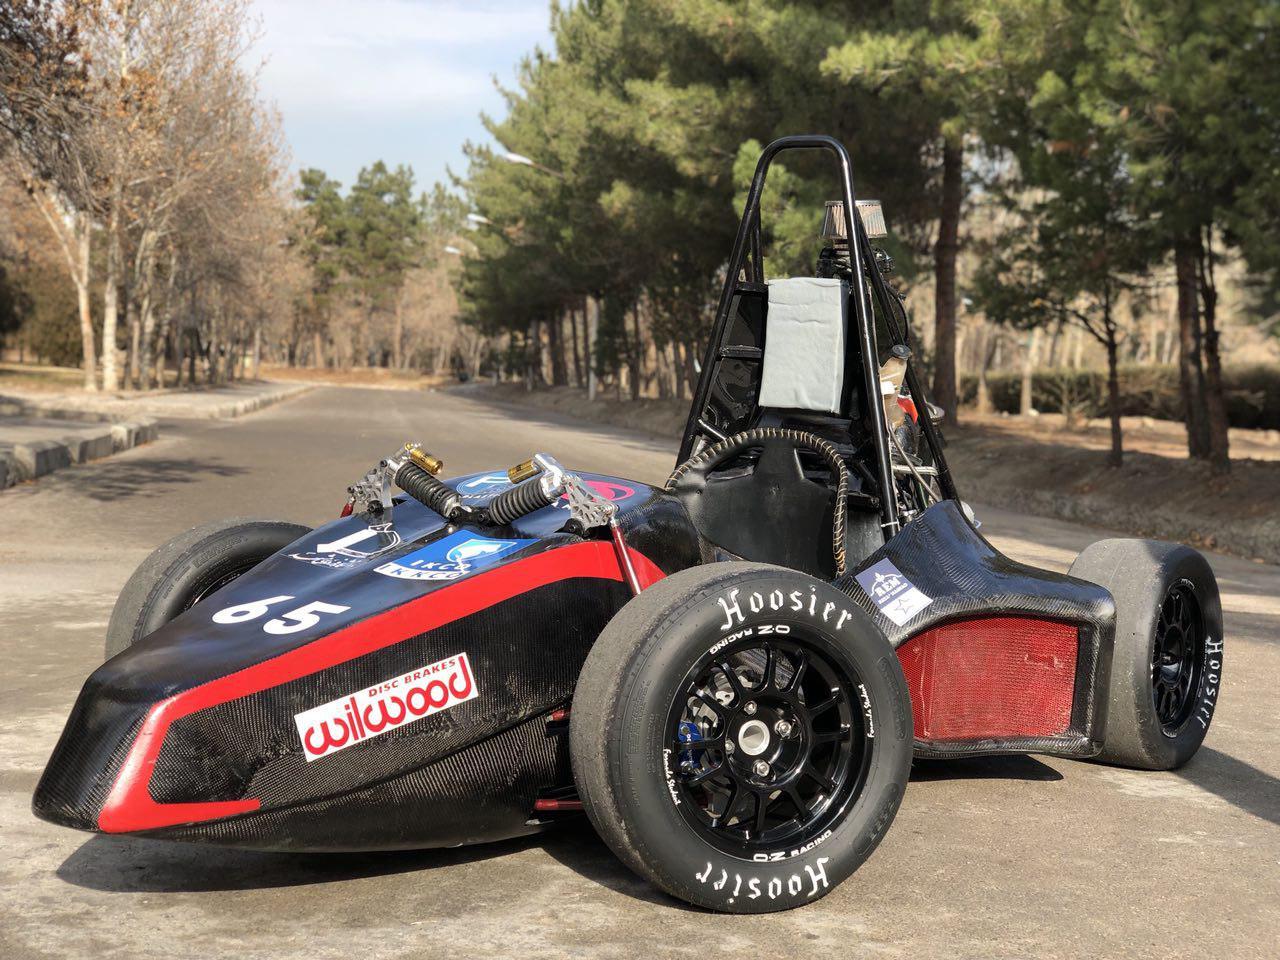 ساخت خودروی فرمول یک در دانشگاه فردوسی مشهد